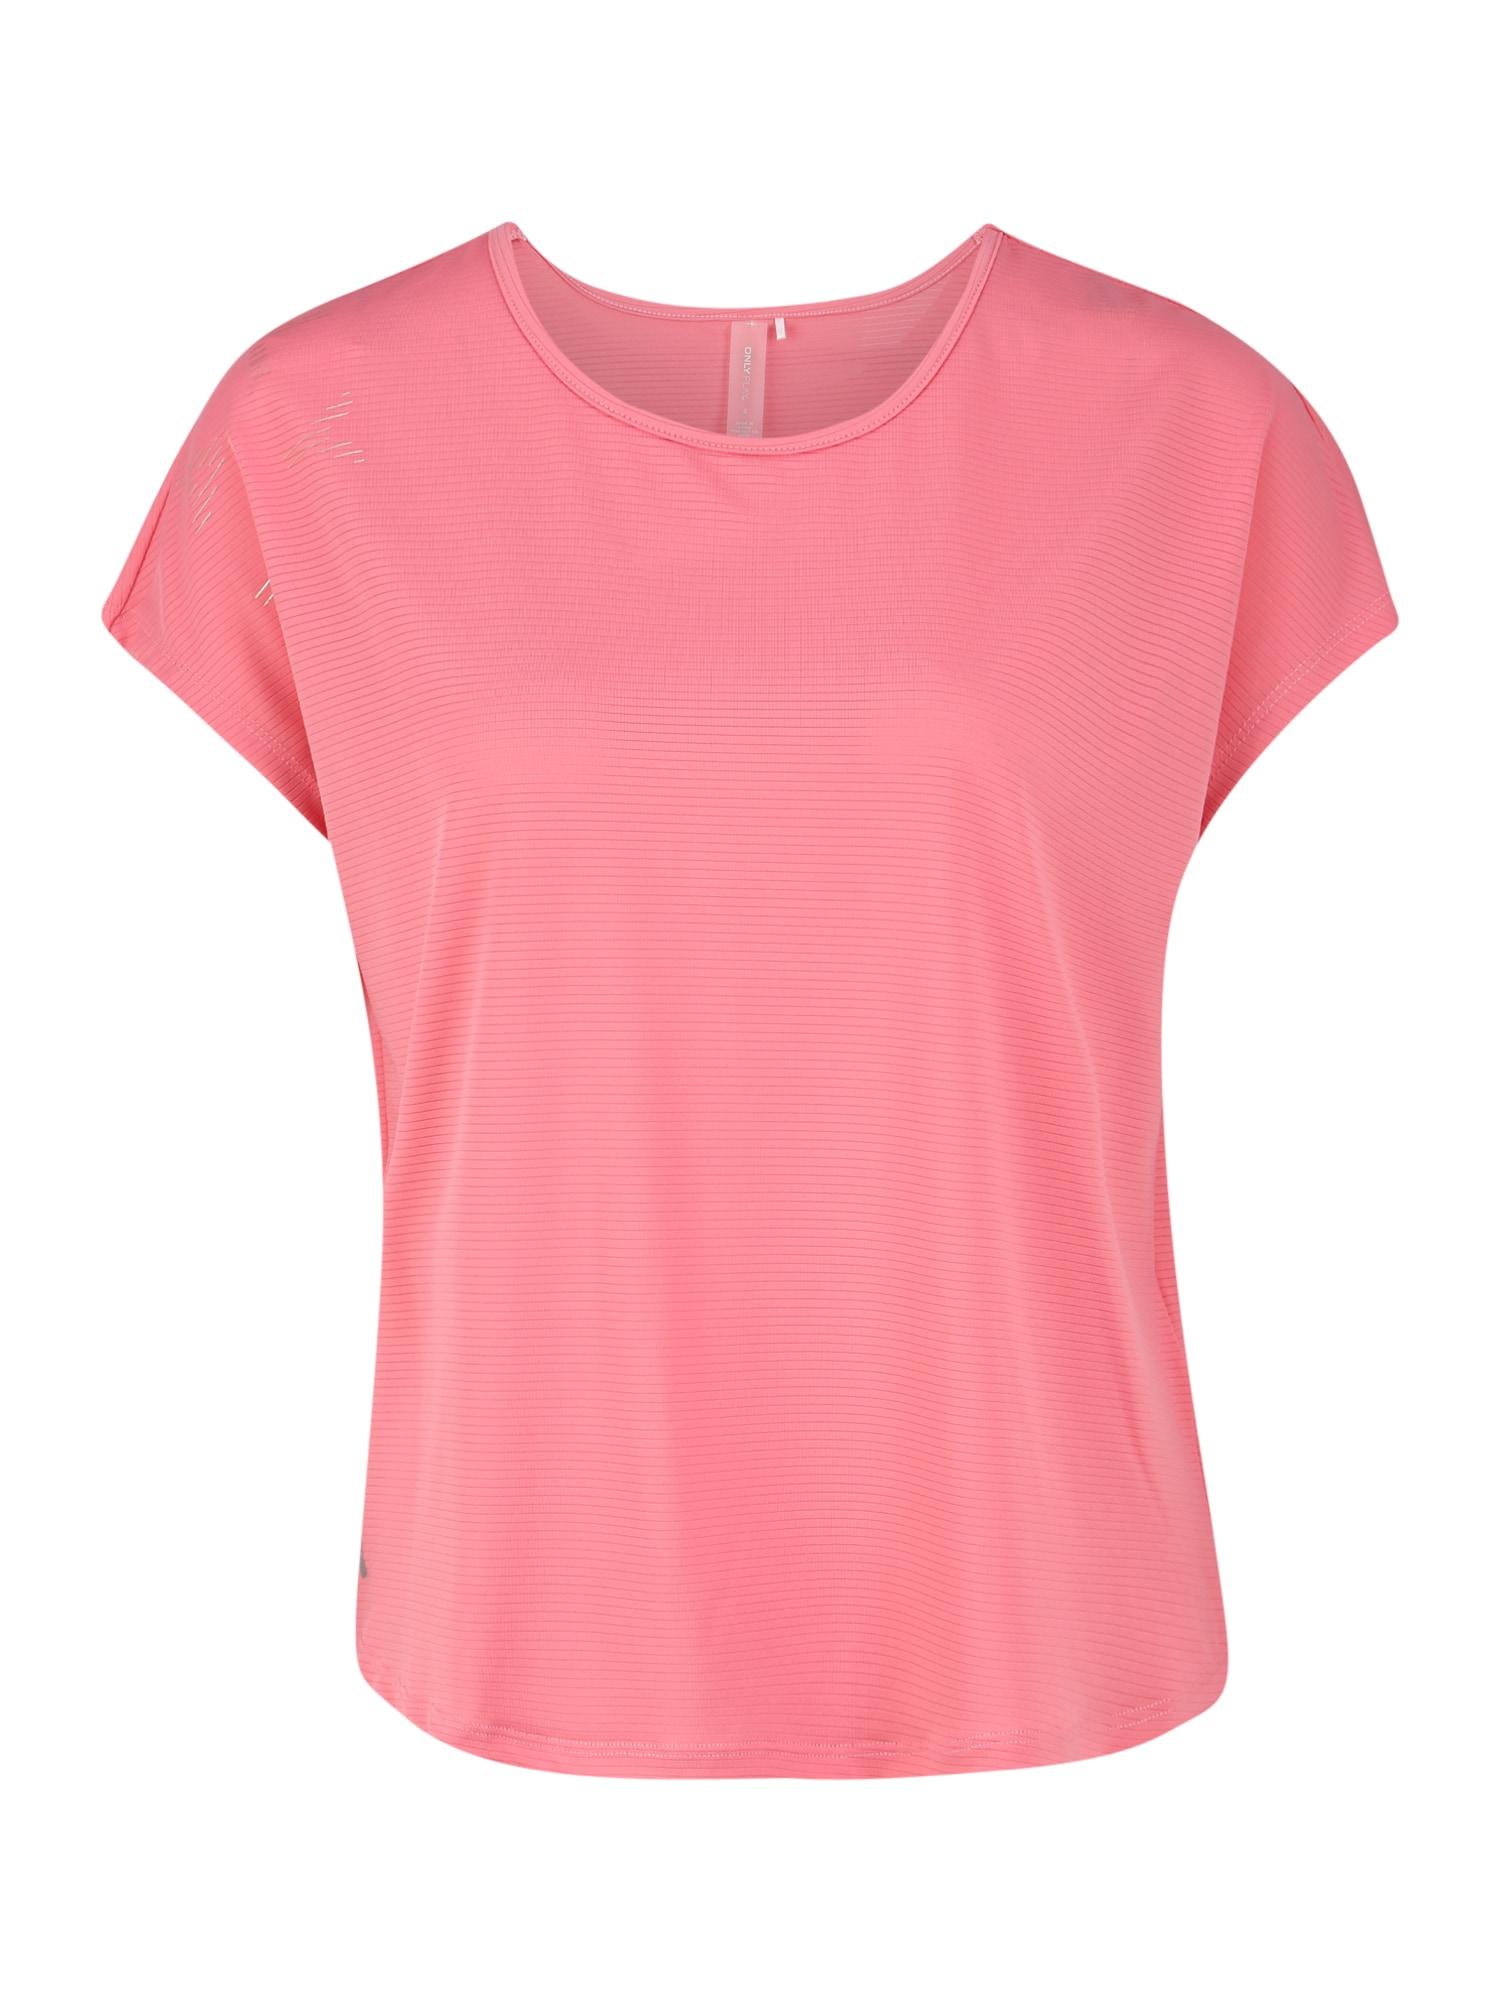 ONLY PLAY Sportiniai marškinėliai 'MILEY LOOSE SS TRAINING TEE' rožinė